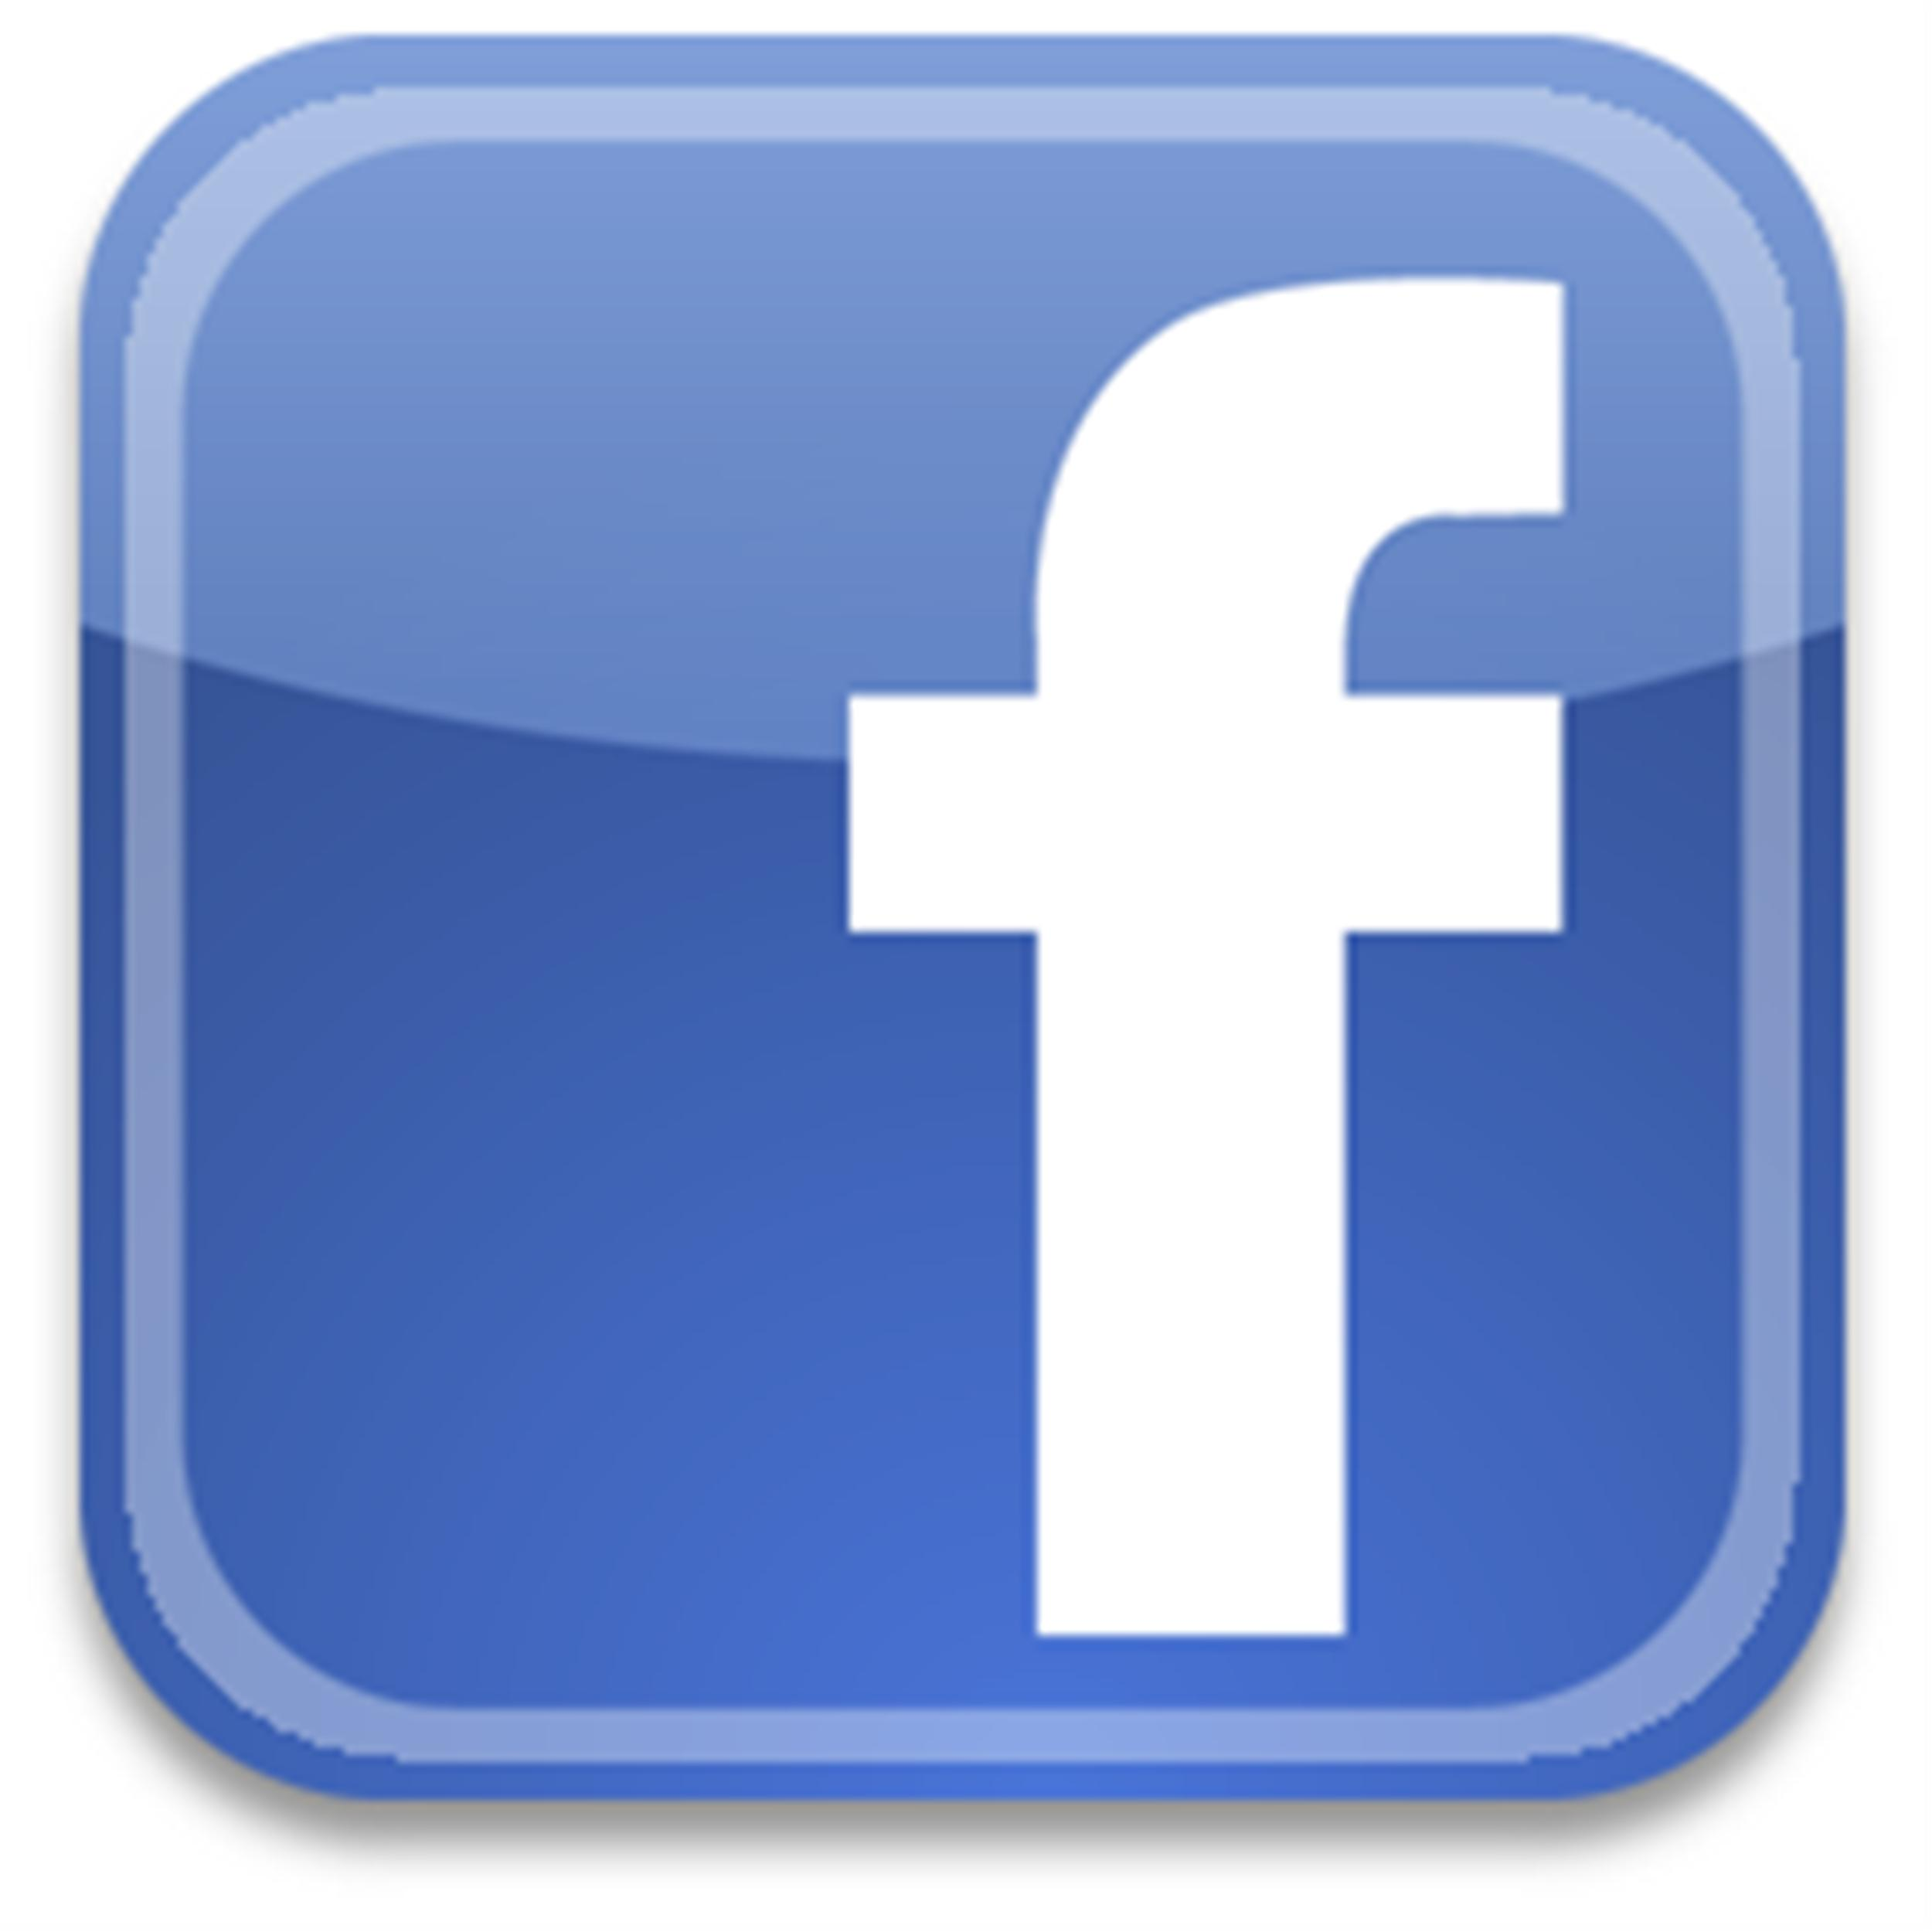 Резултат слика за fb logo